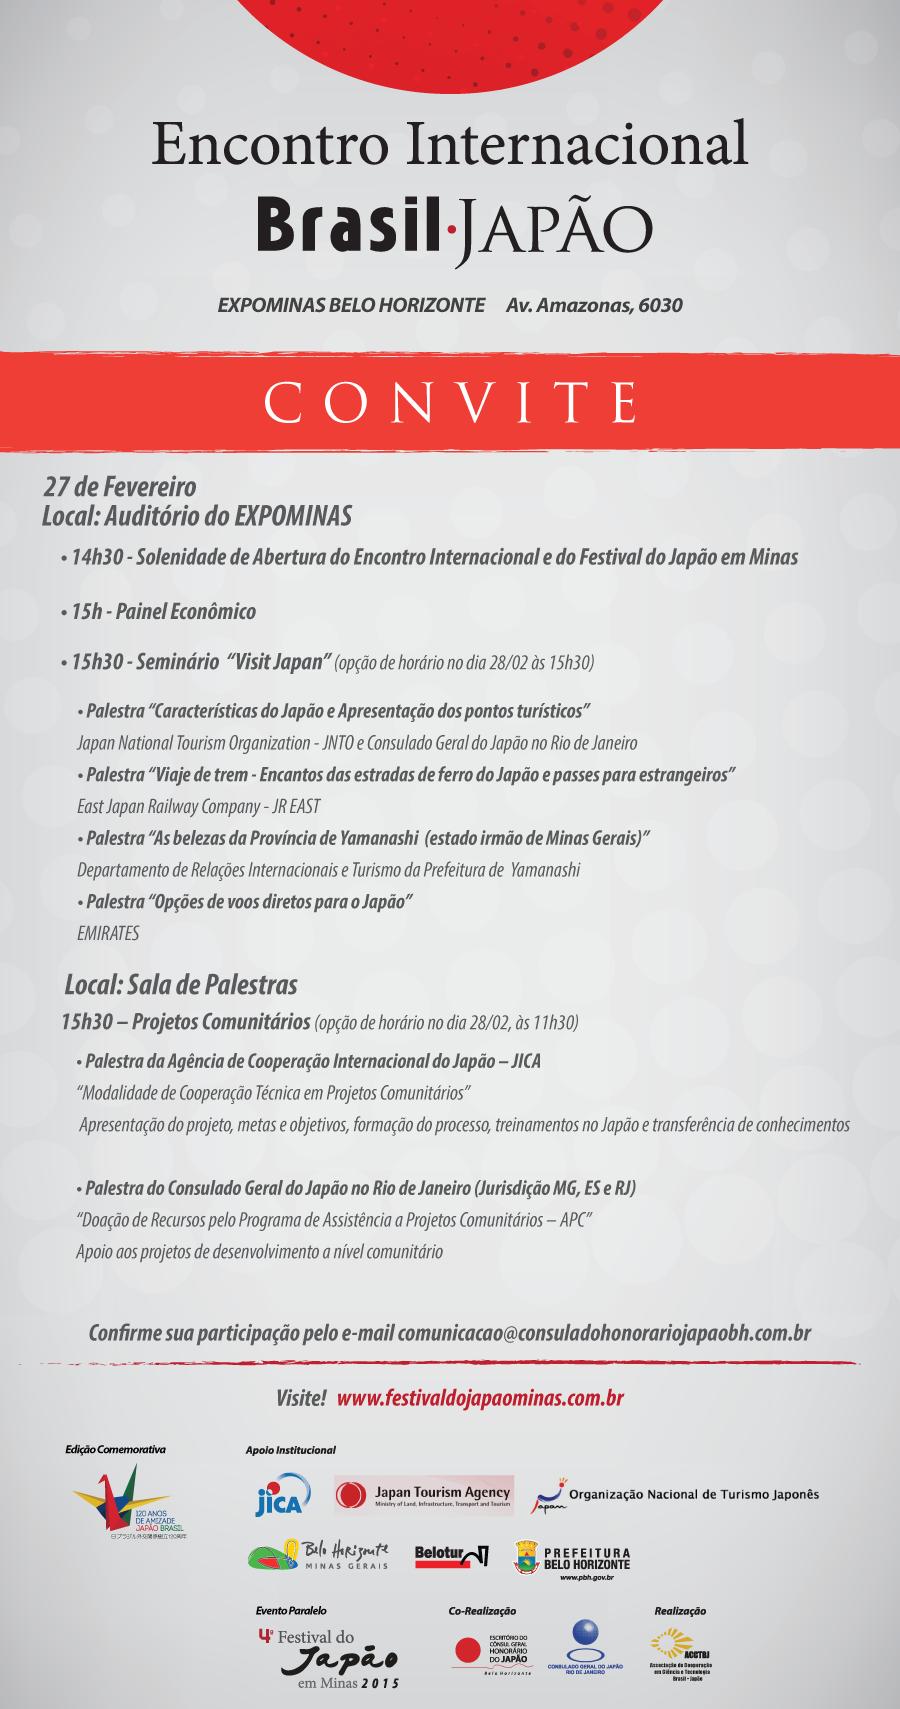 ENCONTRO-INTERNACIONAL-BRASIL-JAPAO